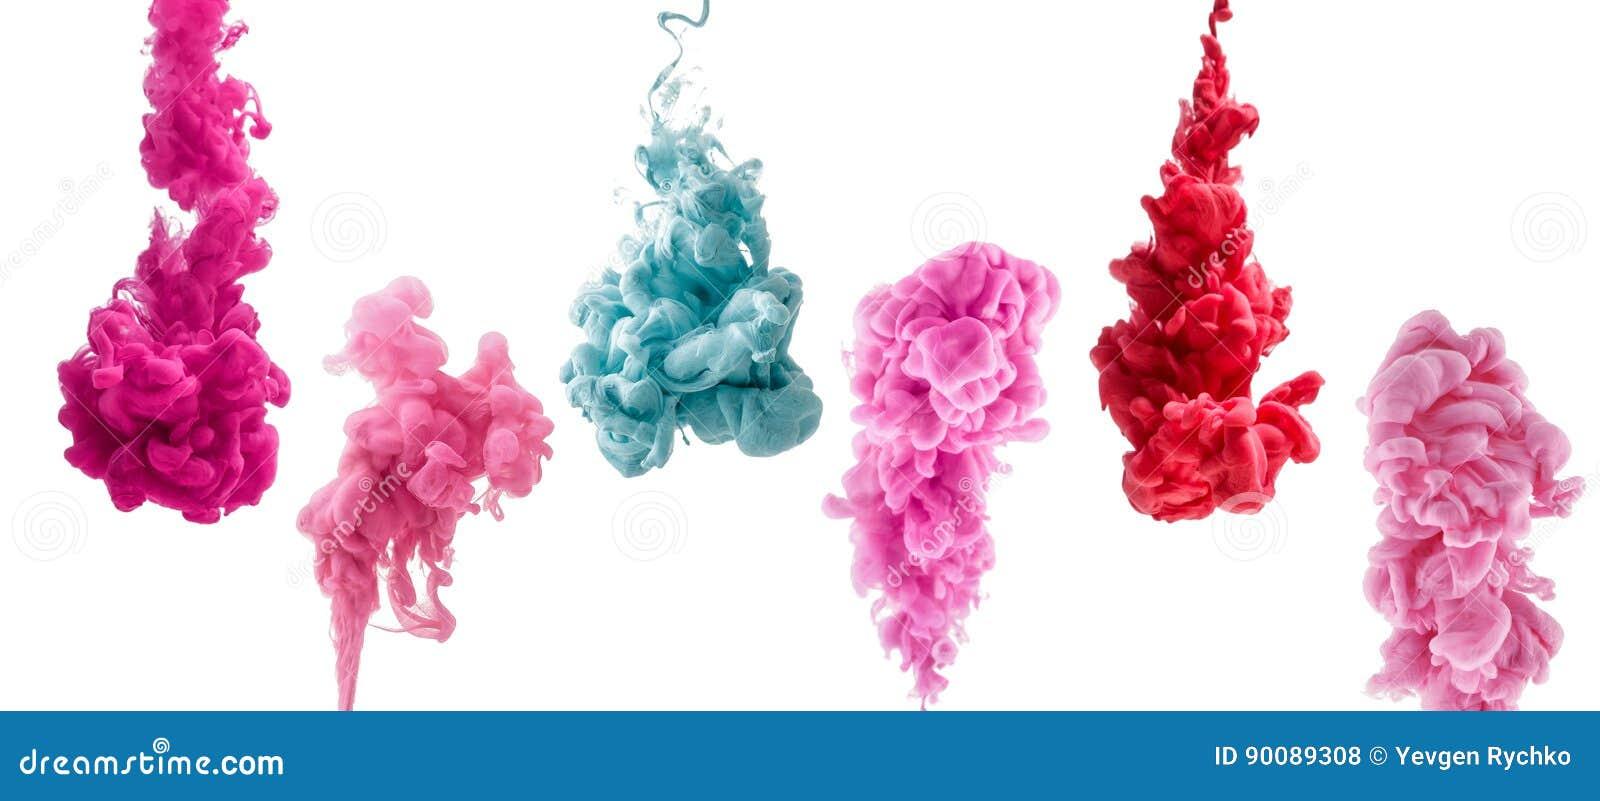 Комплект красочных чернил изолированный на белой предпосылке красное, розовое, голубое падение завихряясь под водой Облако чернил